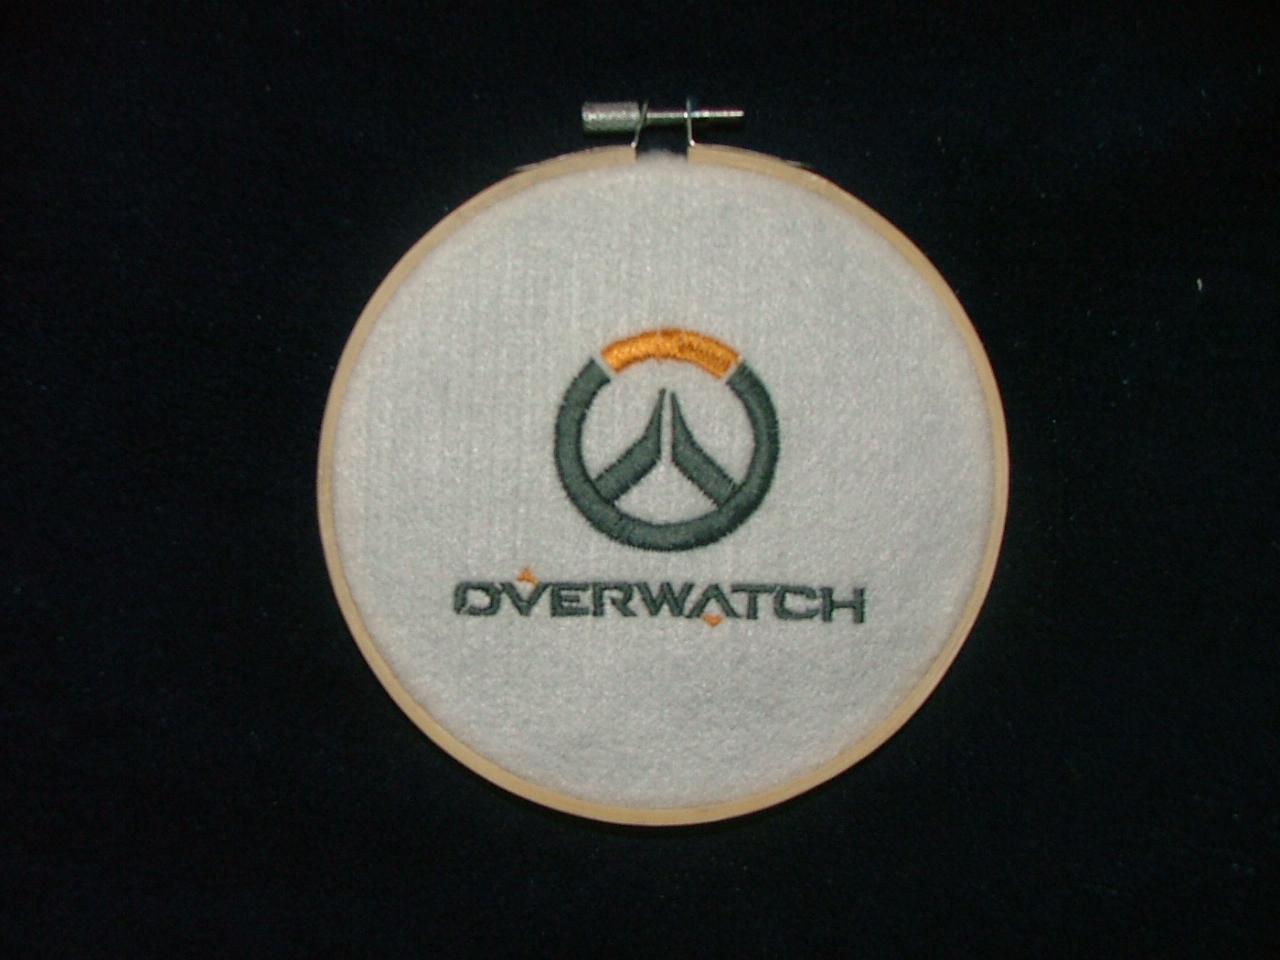 Overwatch 10x10cm